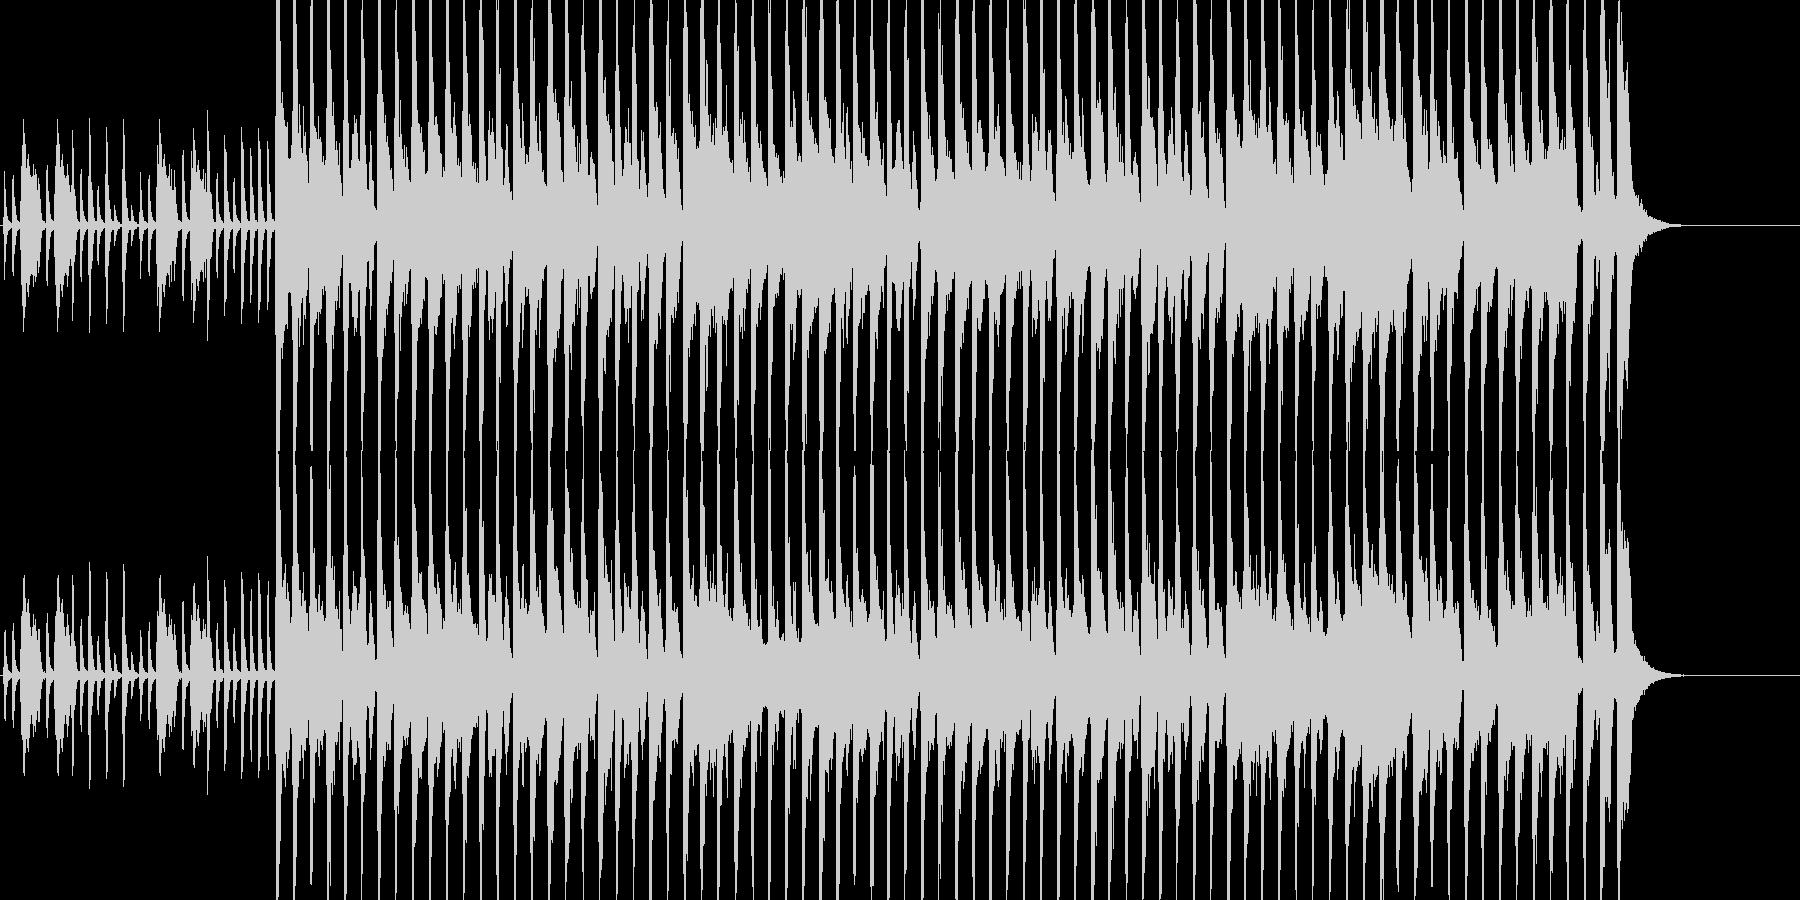 入場等に使える華やかで可愛い行進曲の未再生の波形